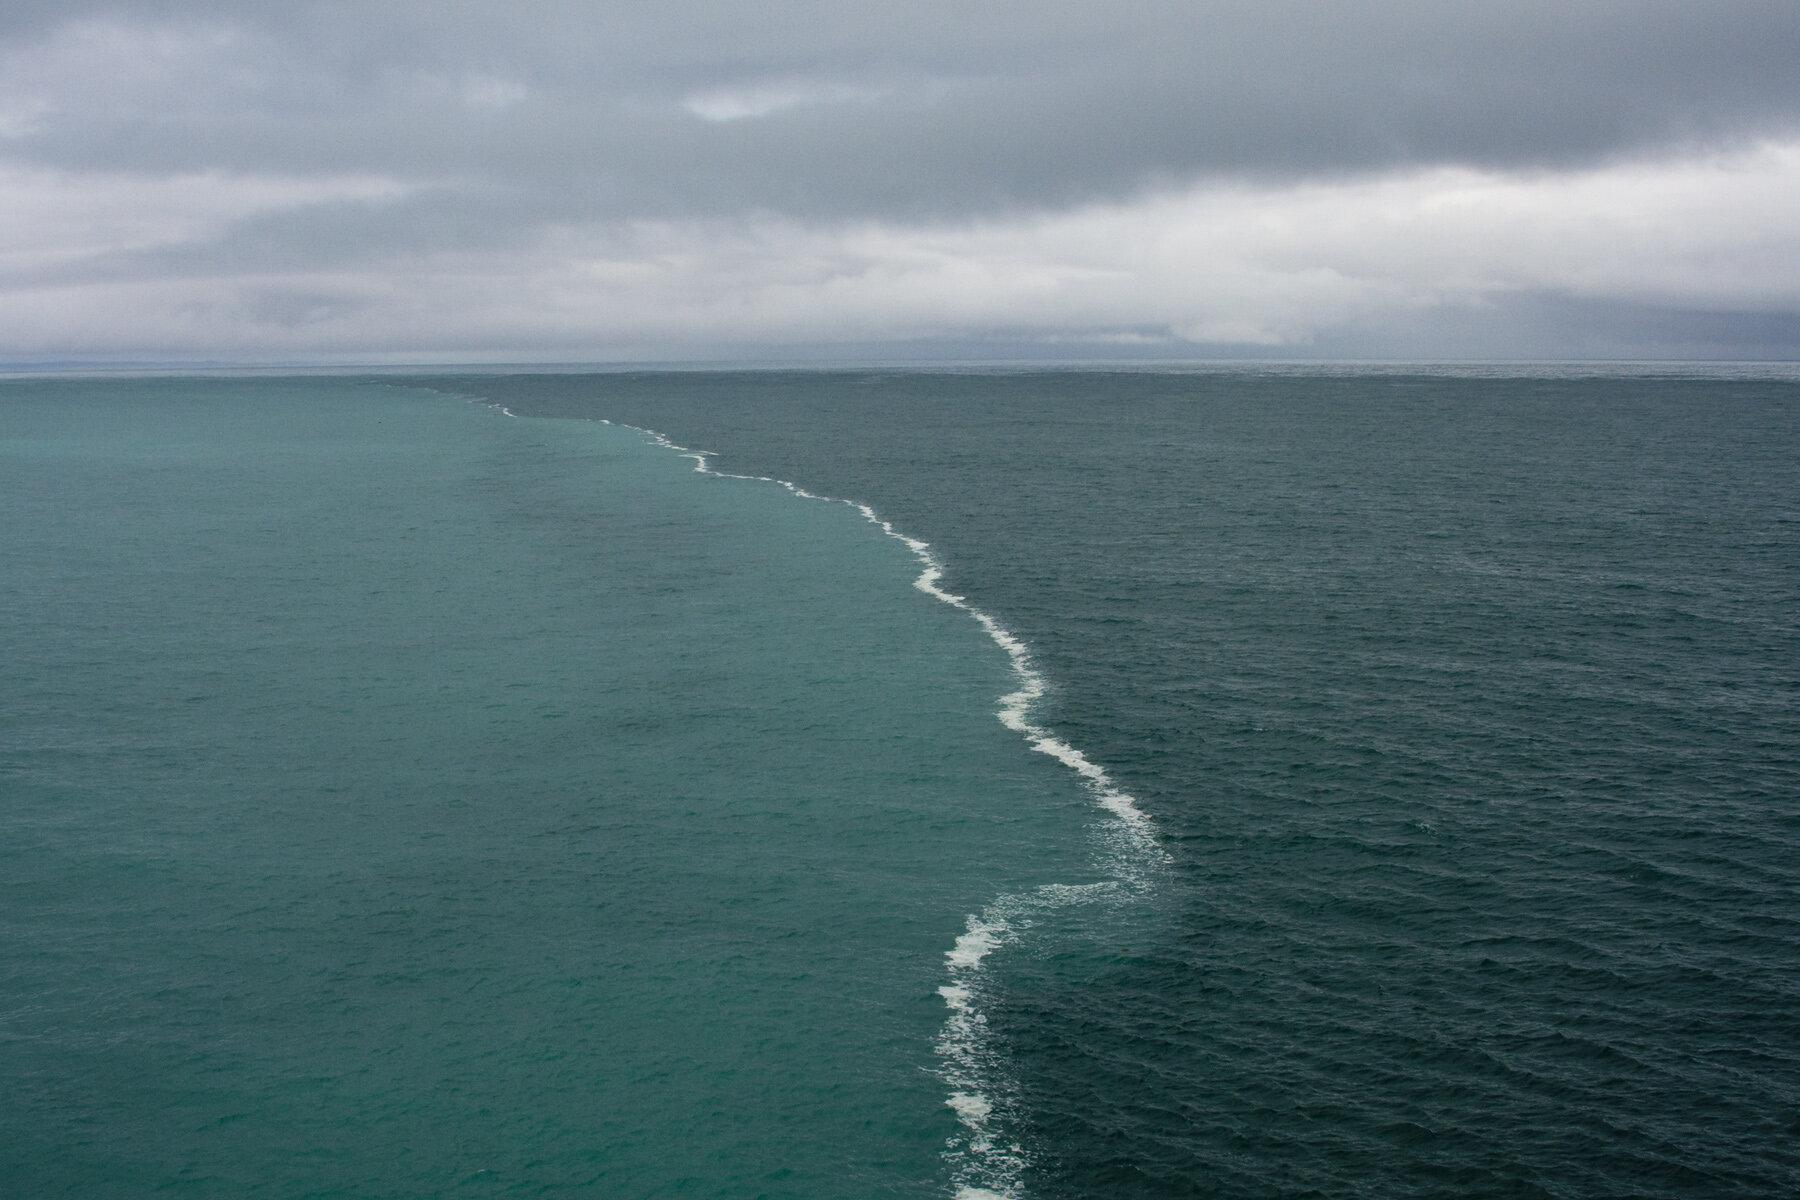 Golfo de Alaska. Dos mares se juntan, ¡pero no se mezclan! http://t.co/w6xOoE4C7R